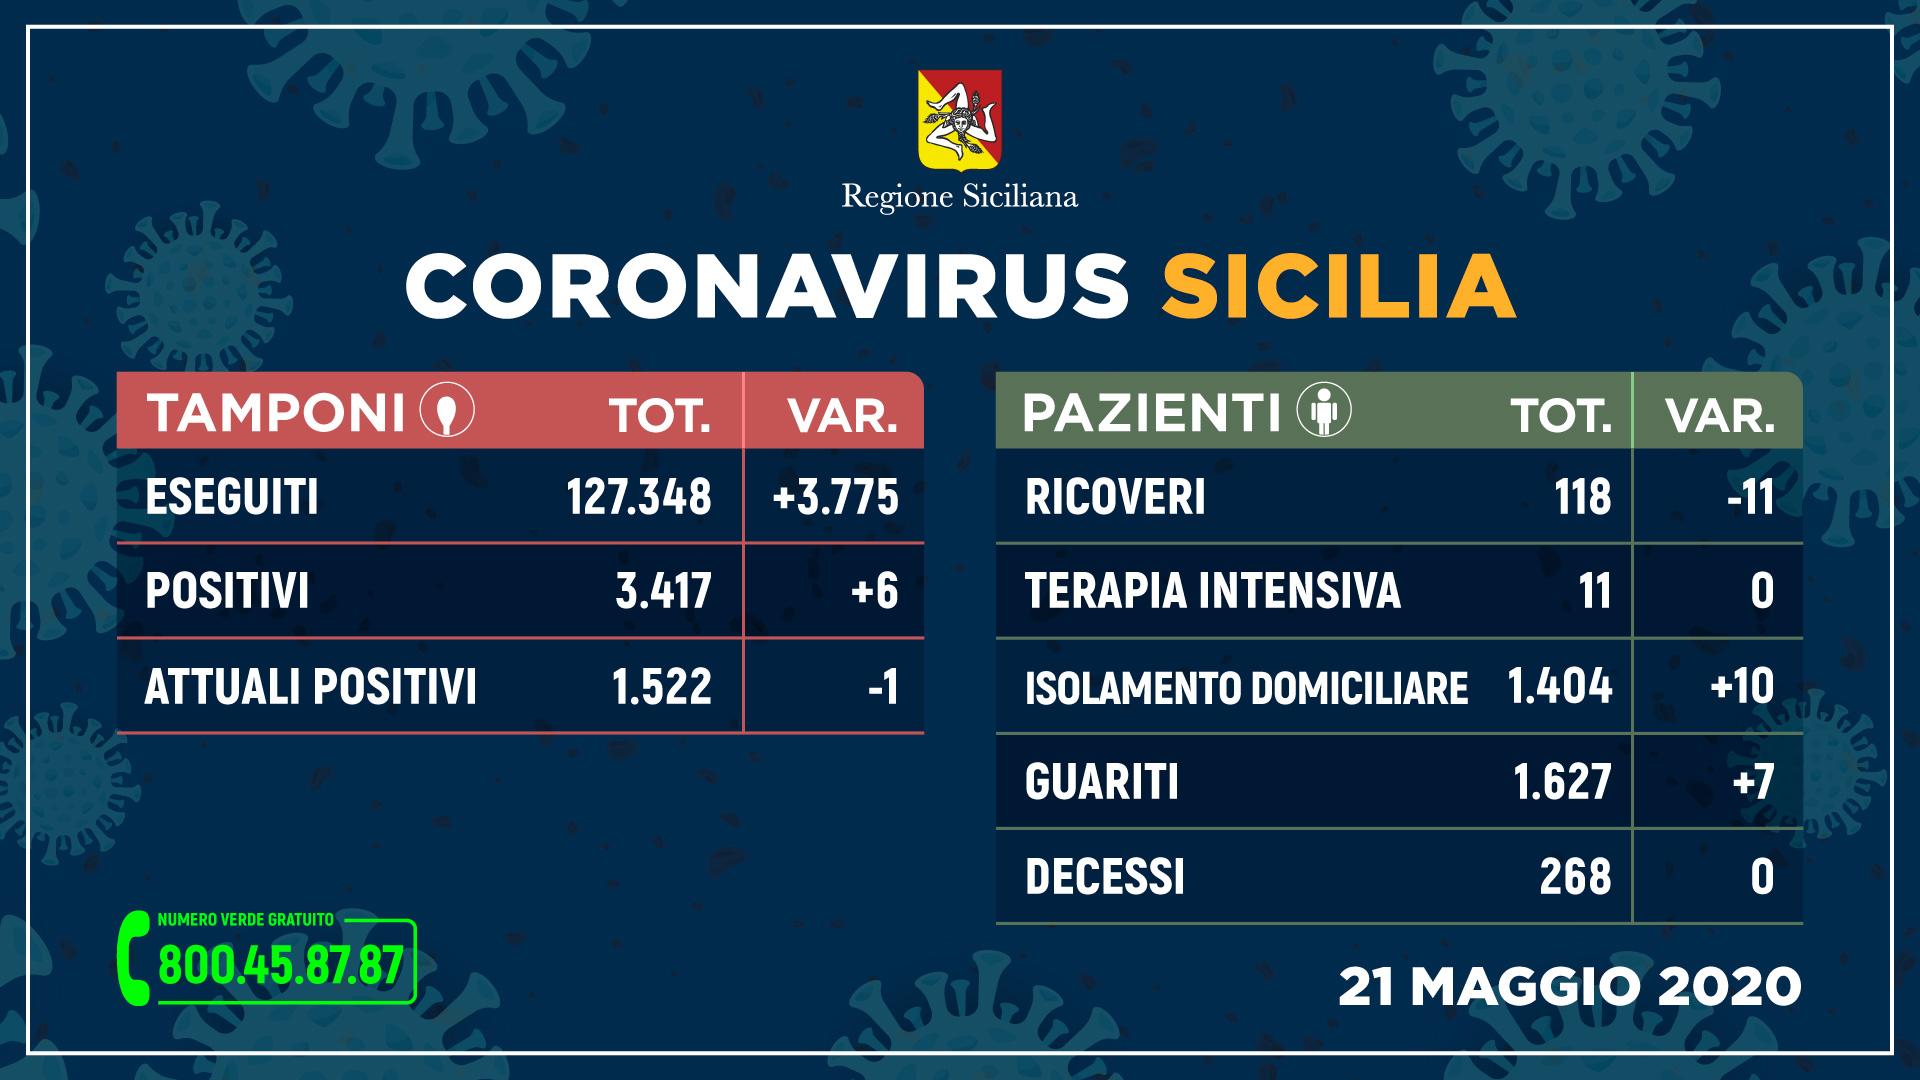 21.05.20 - sicilia_tamponi_21-maggio